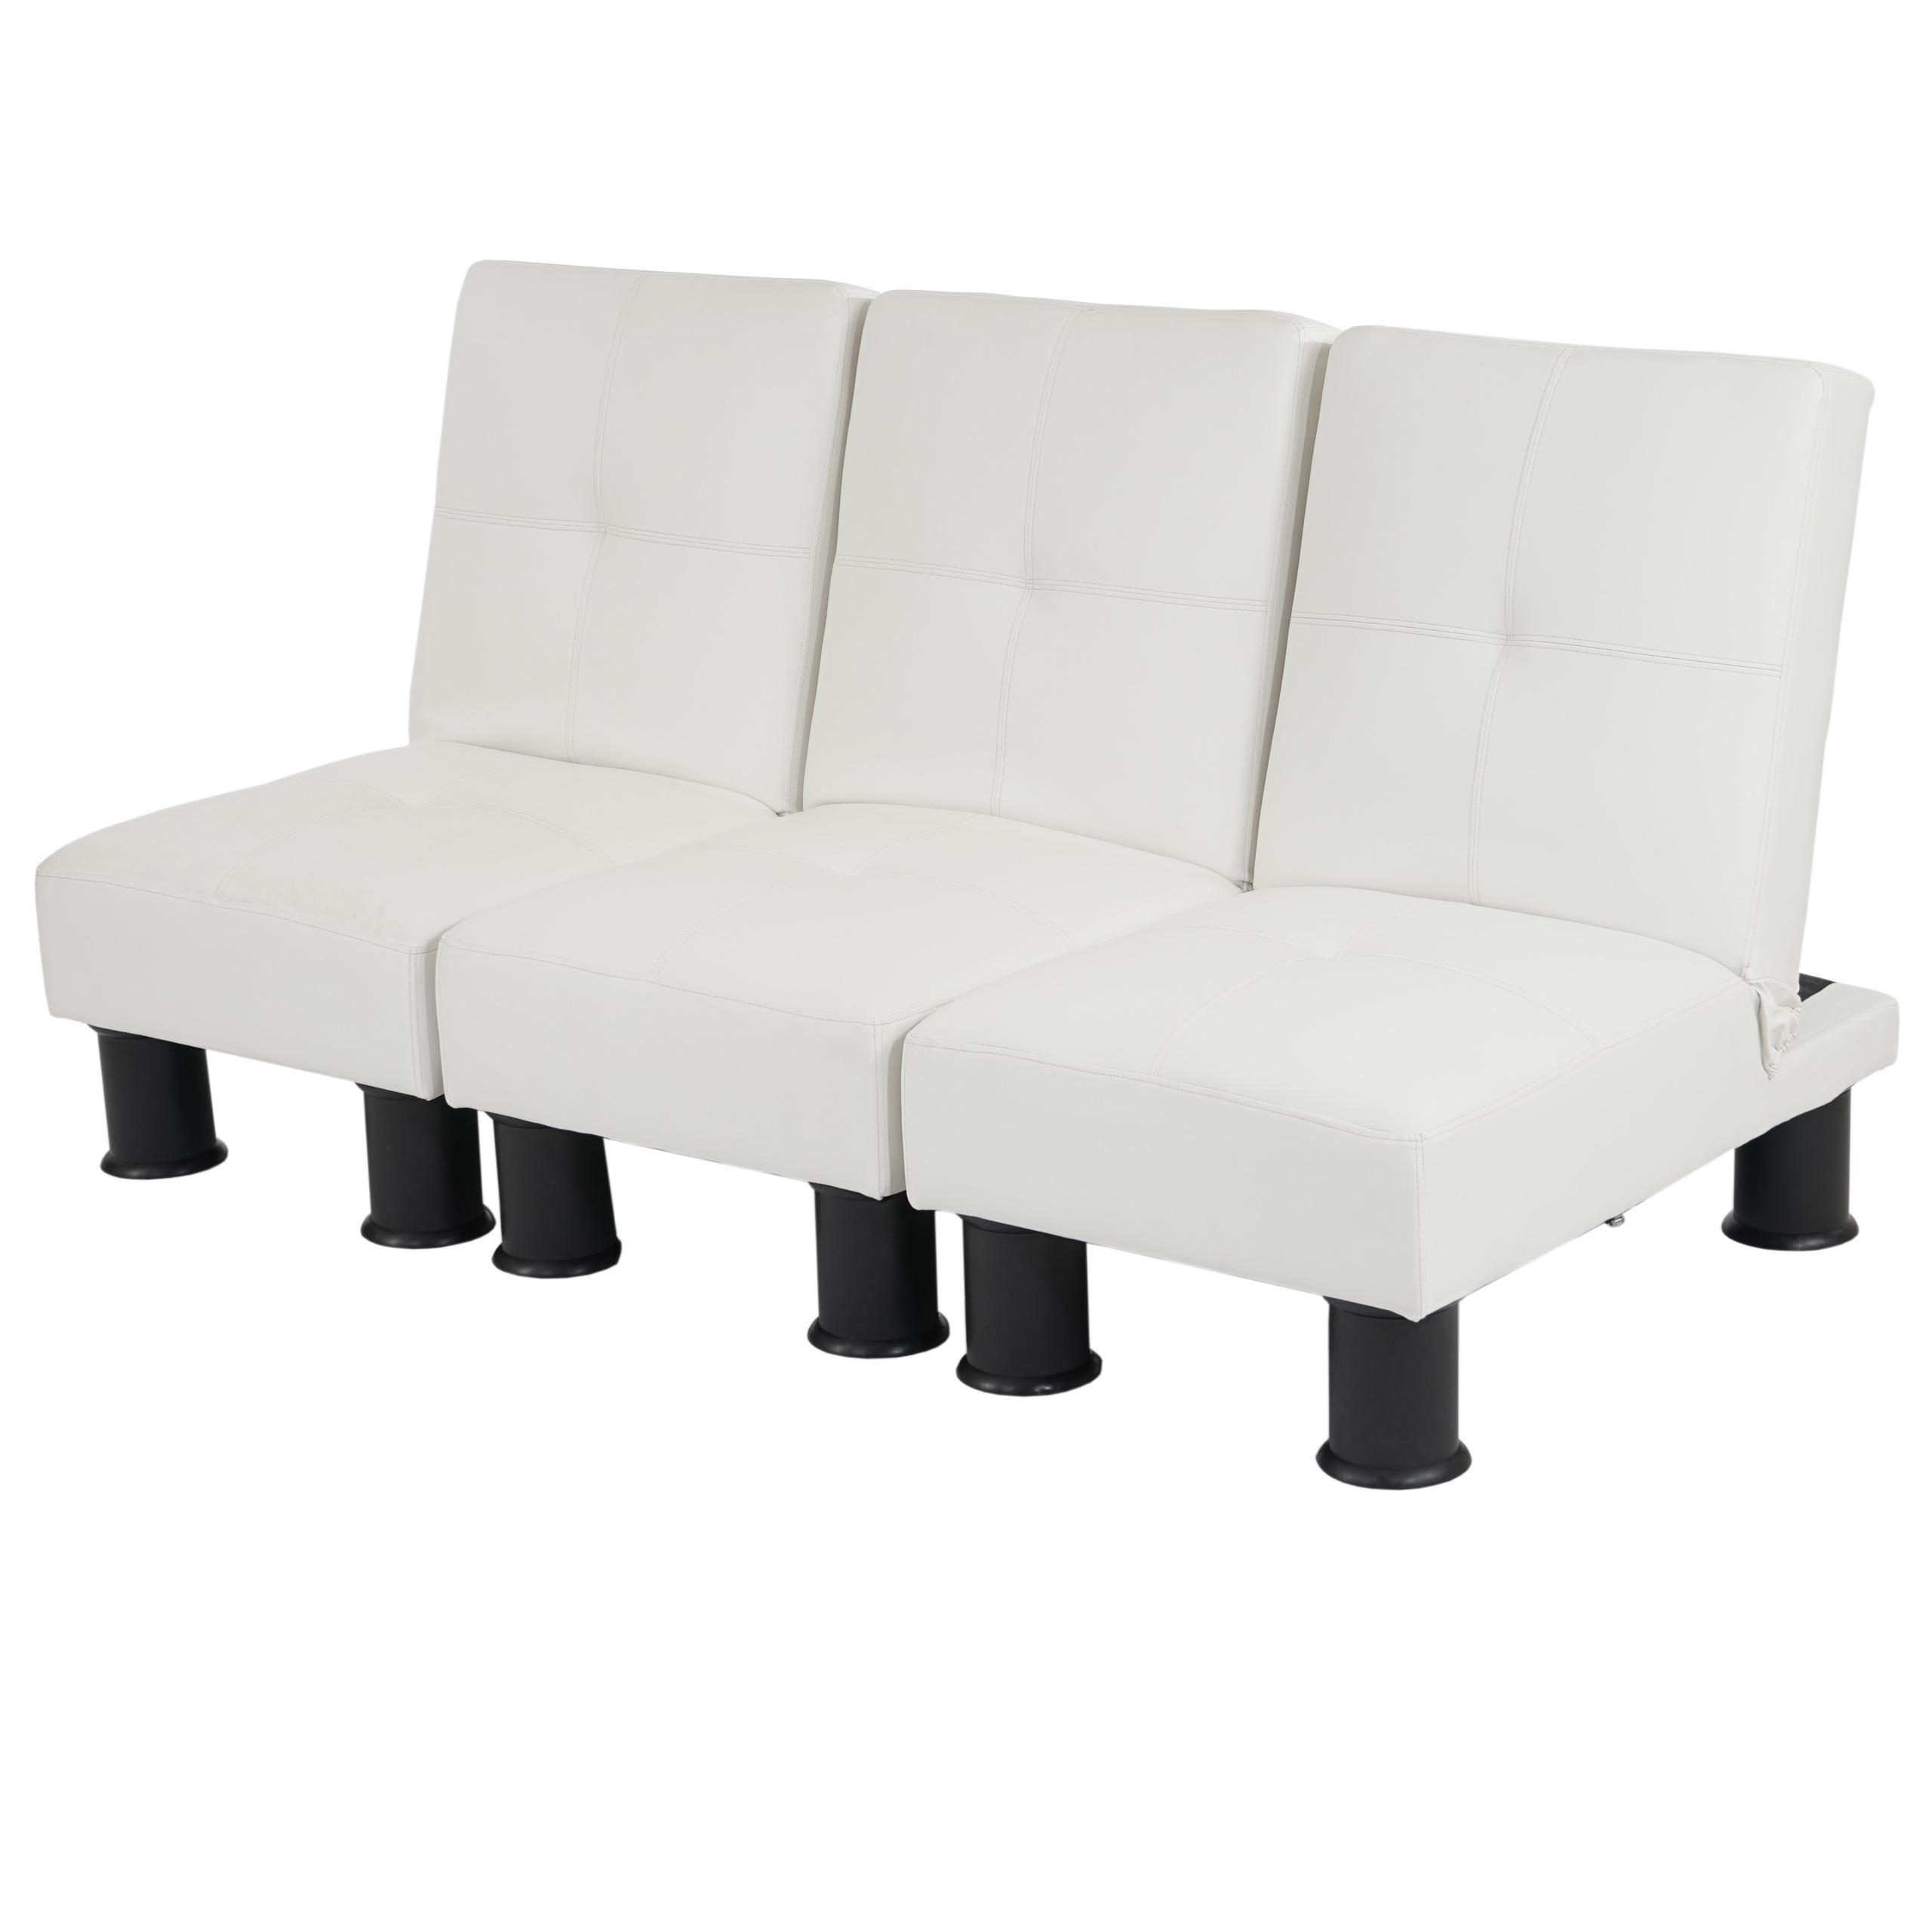 Sof modular de 3 plazas carlo en piel color blanco - Sofa piel blanco ...